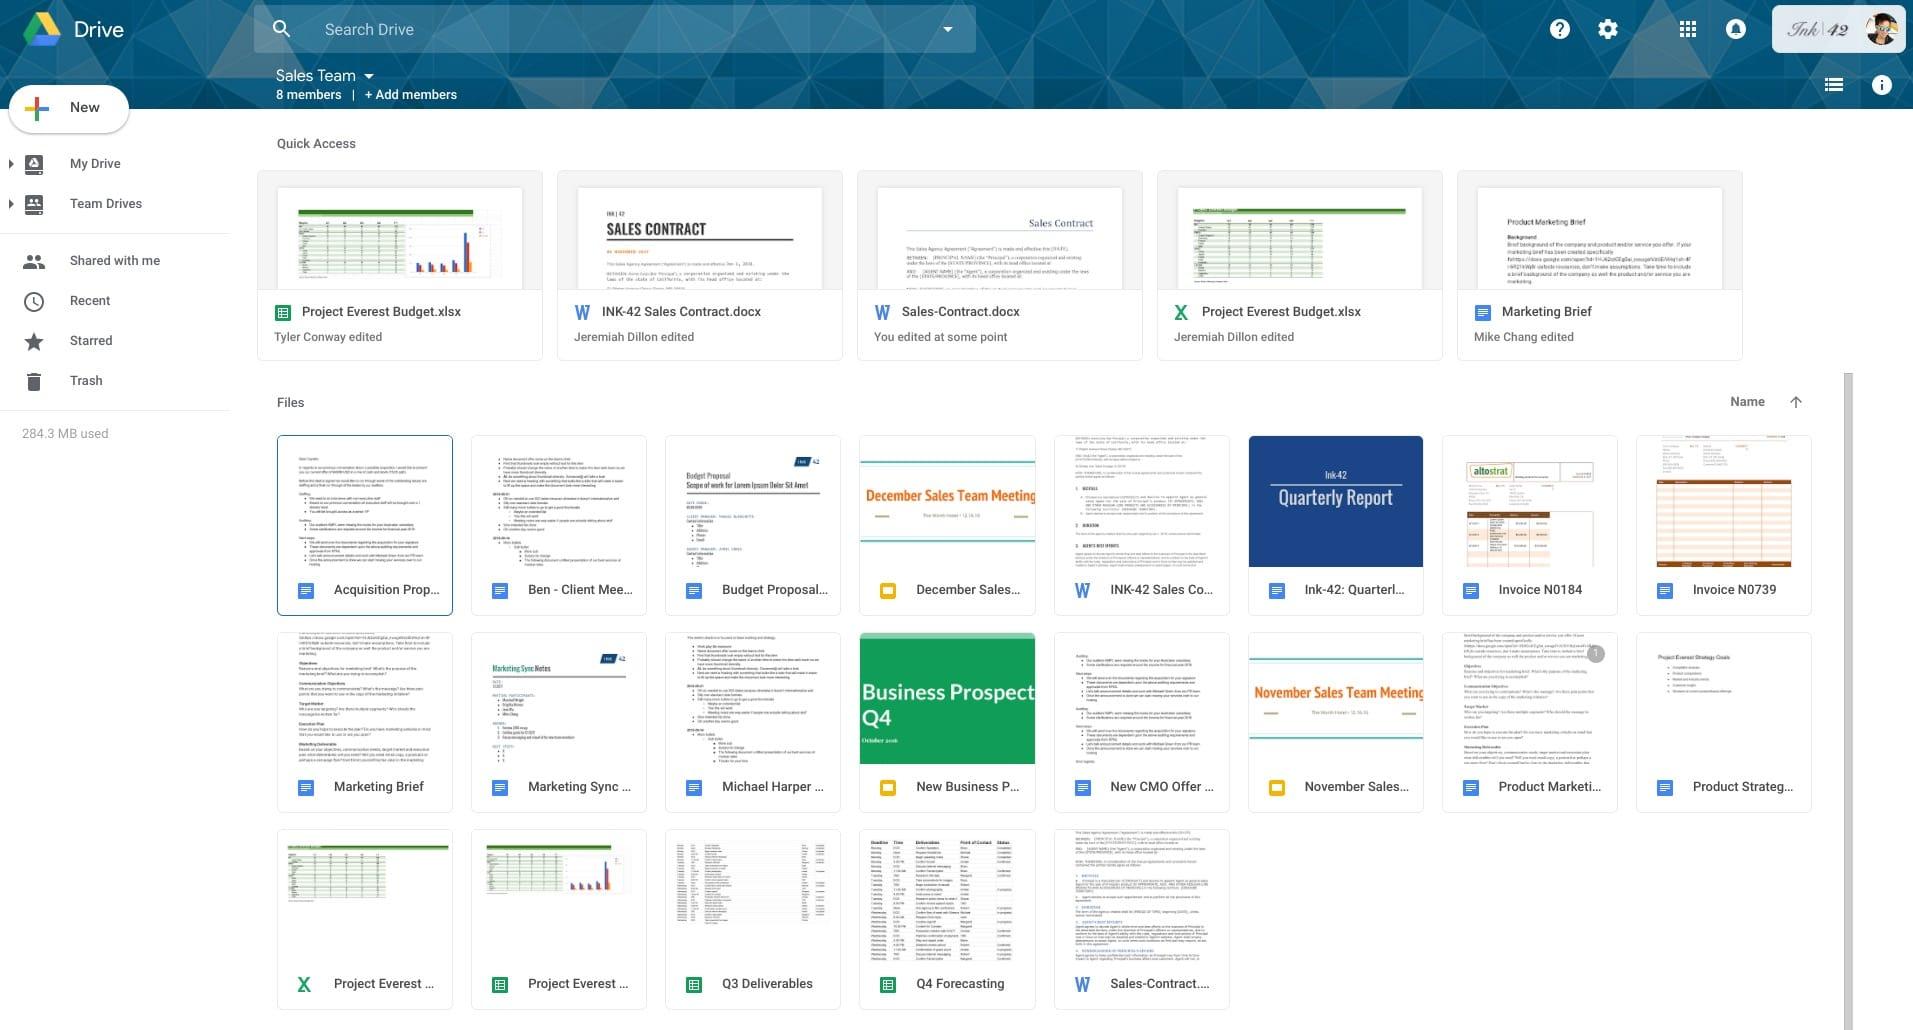 Новый дизайн Google Drive совпадает собновленным Gmail